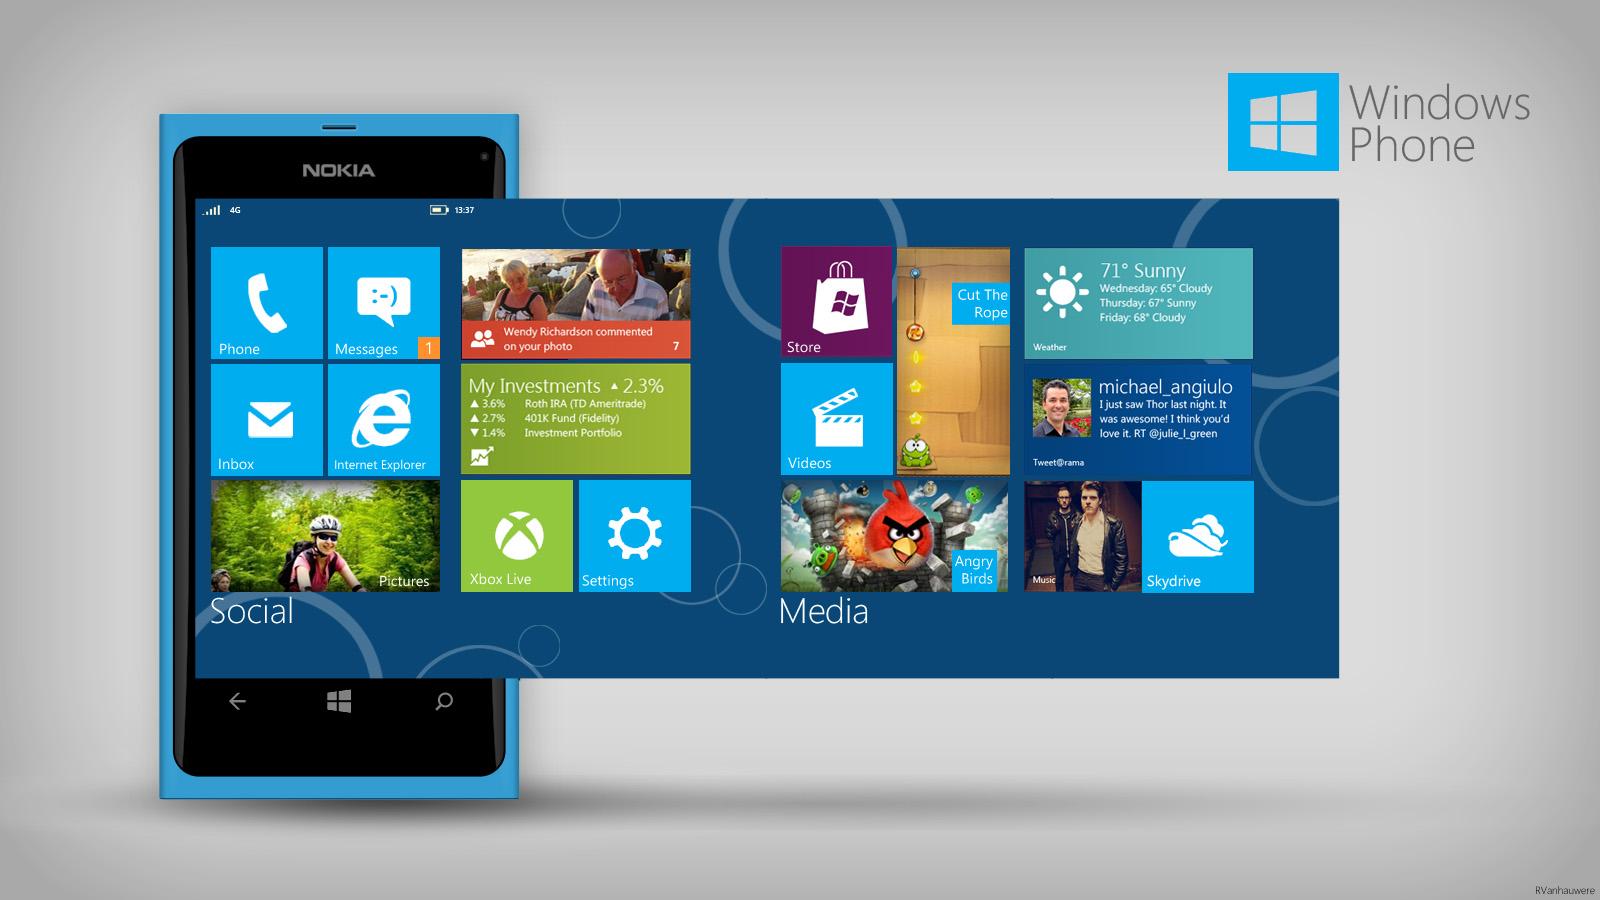 http://1.bp.blogspot.com/-70w1bHkIdx8/UVqaS-HrrPI/AAAAAAAAAHY/a1KJPK57nn4/s1600/Windows-Phone-Nudges+OS-Bb-In-+26.jpg